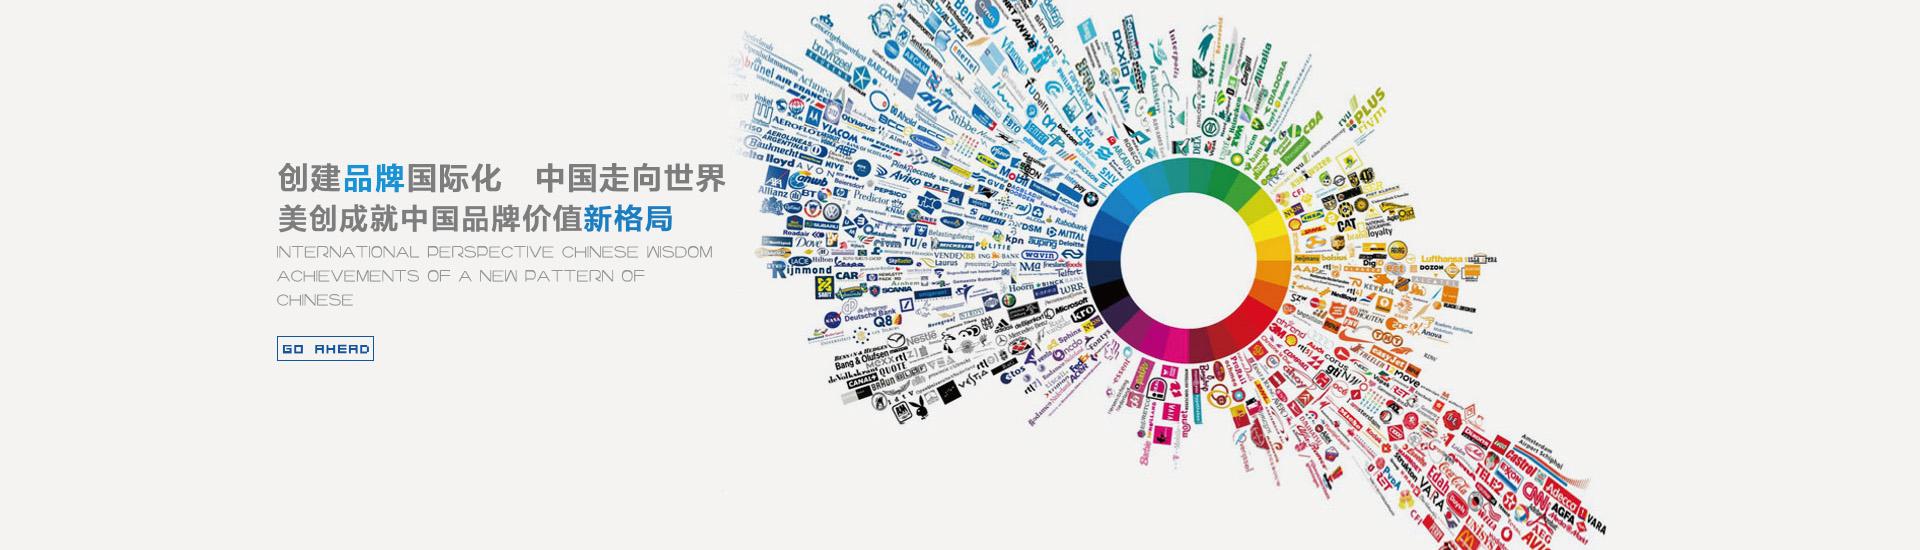 美创品牌年度服务成就中国品牌价格新格局